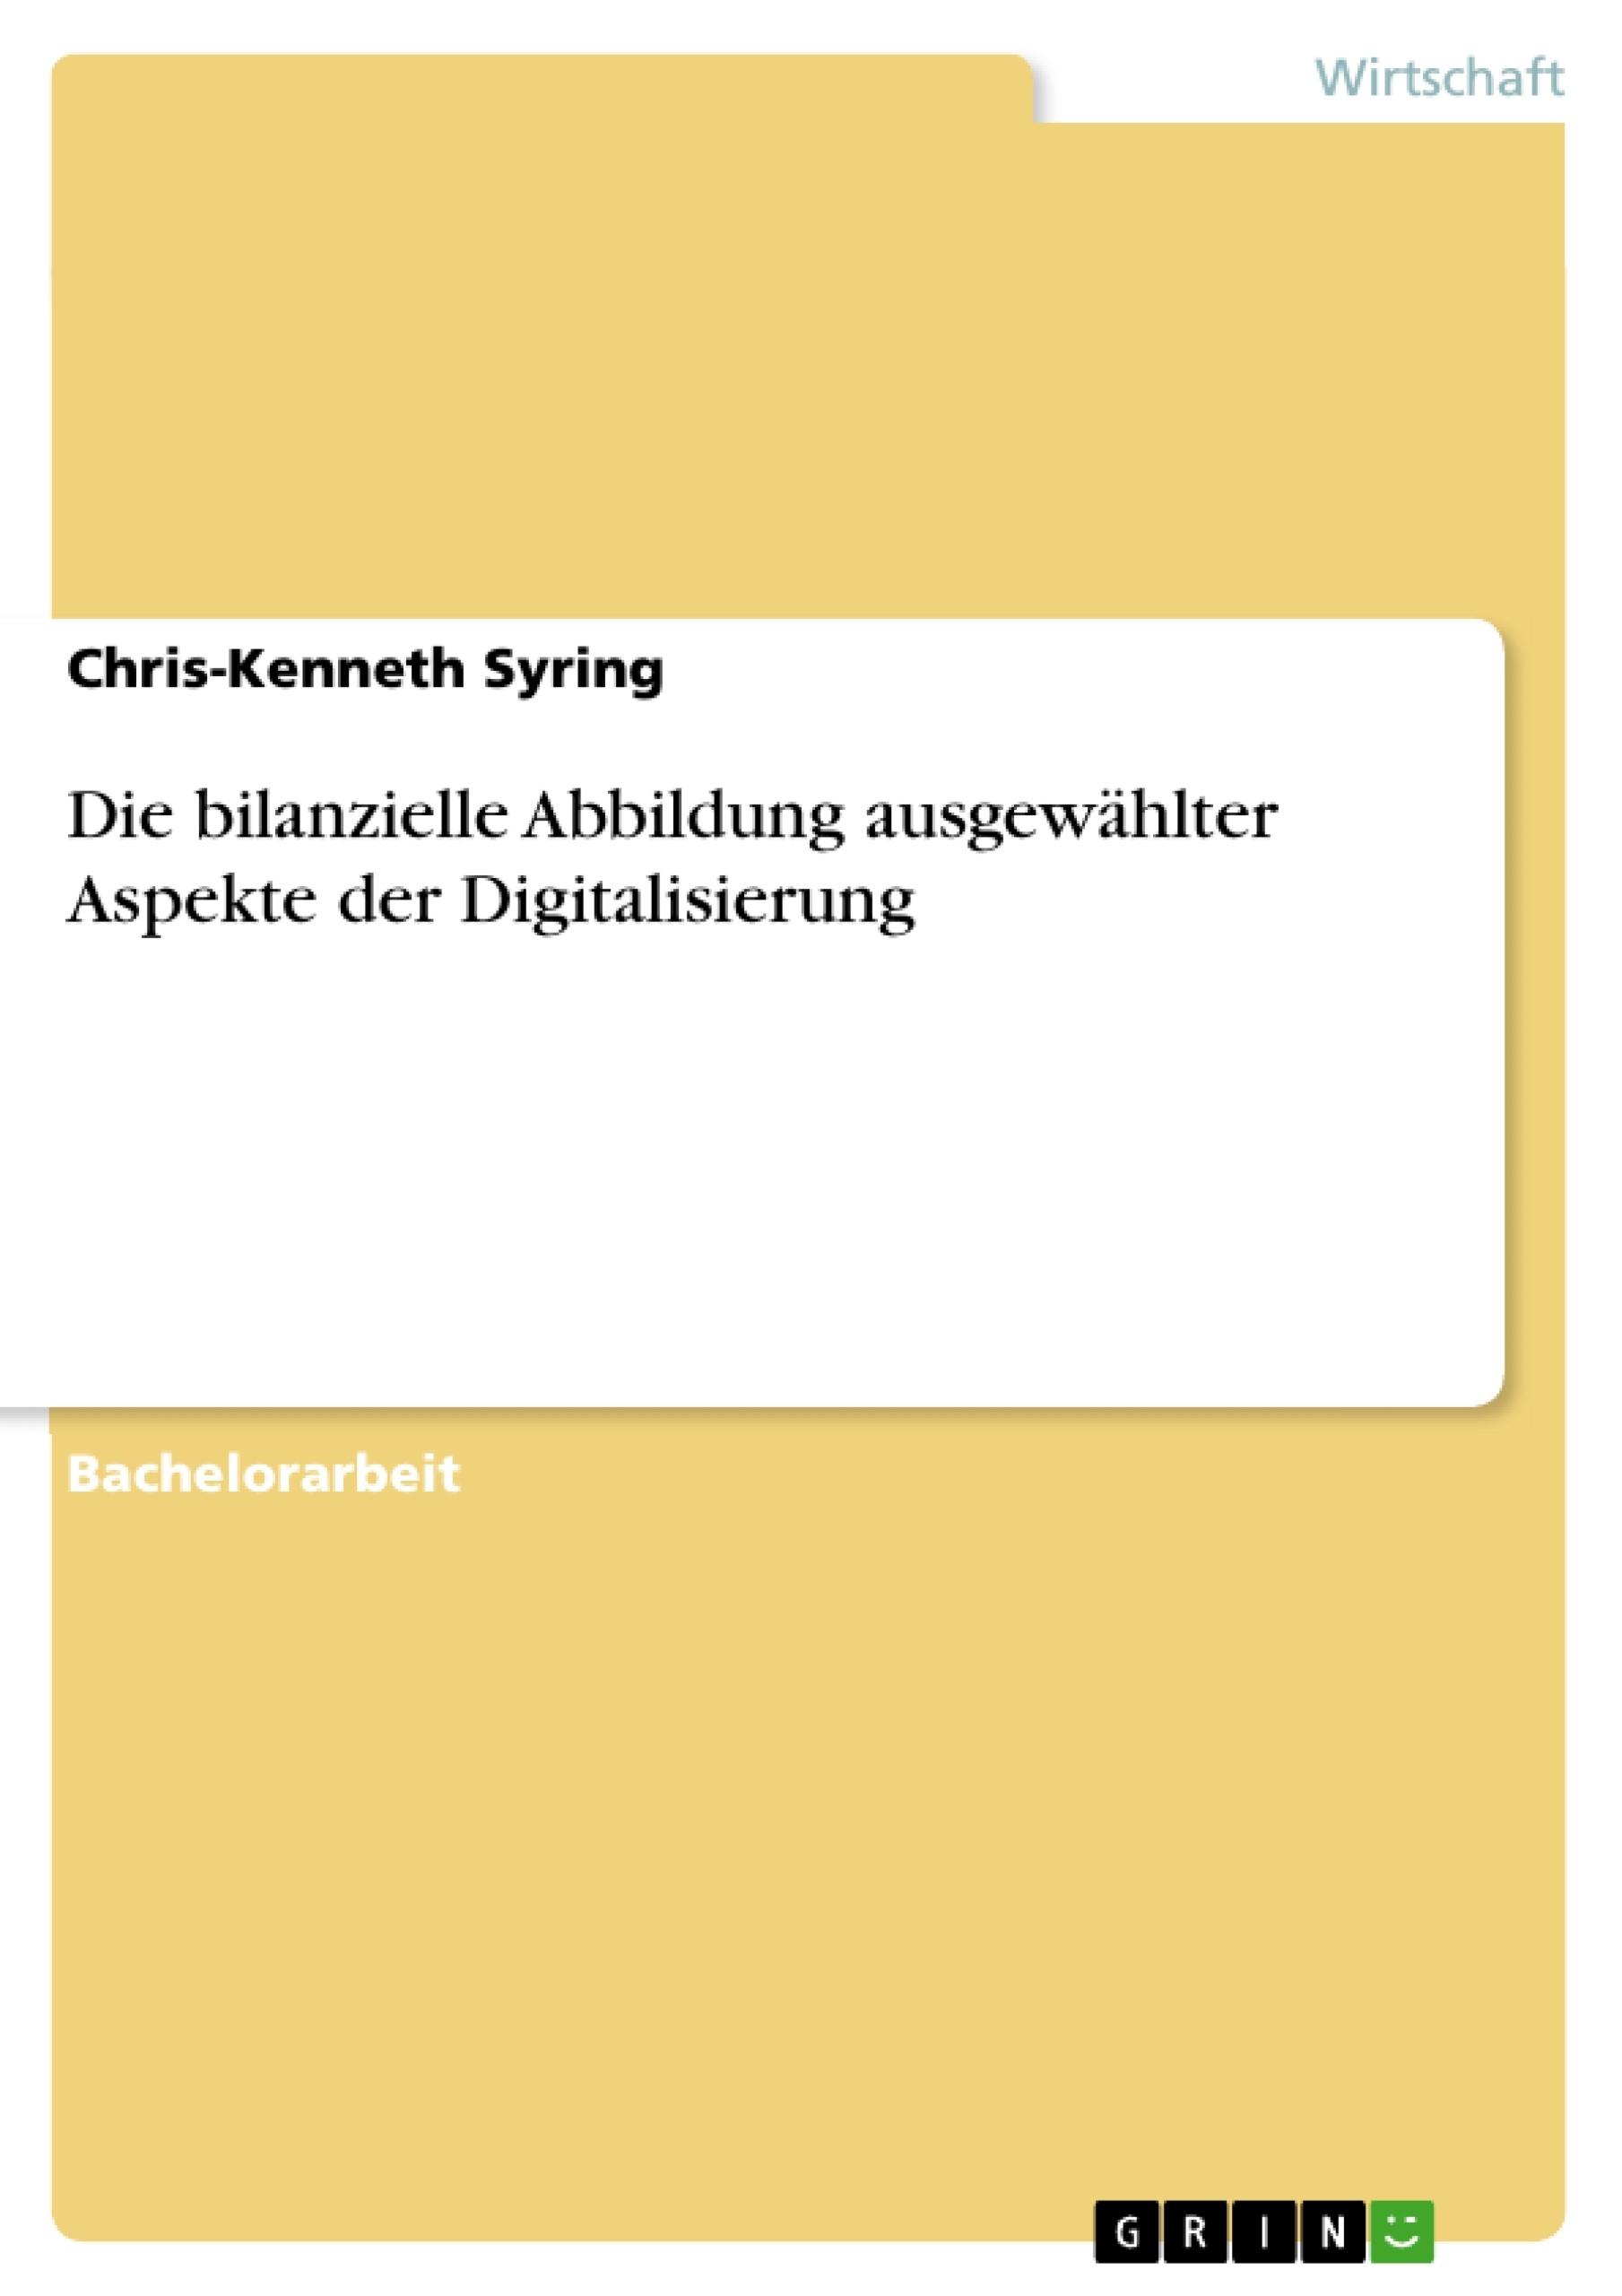 Titel: Die bilanzielle Abbildung ausgewählter Aspekte der Digitalisierung